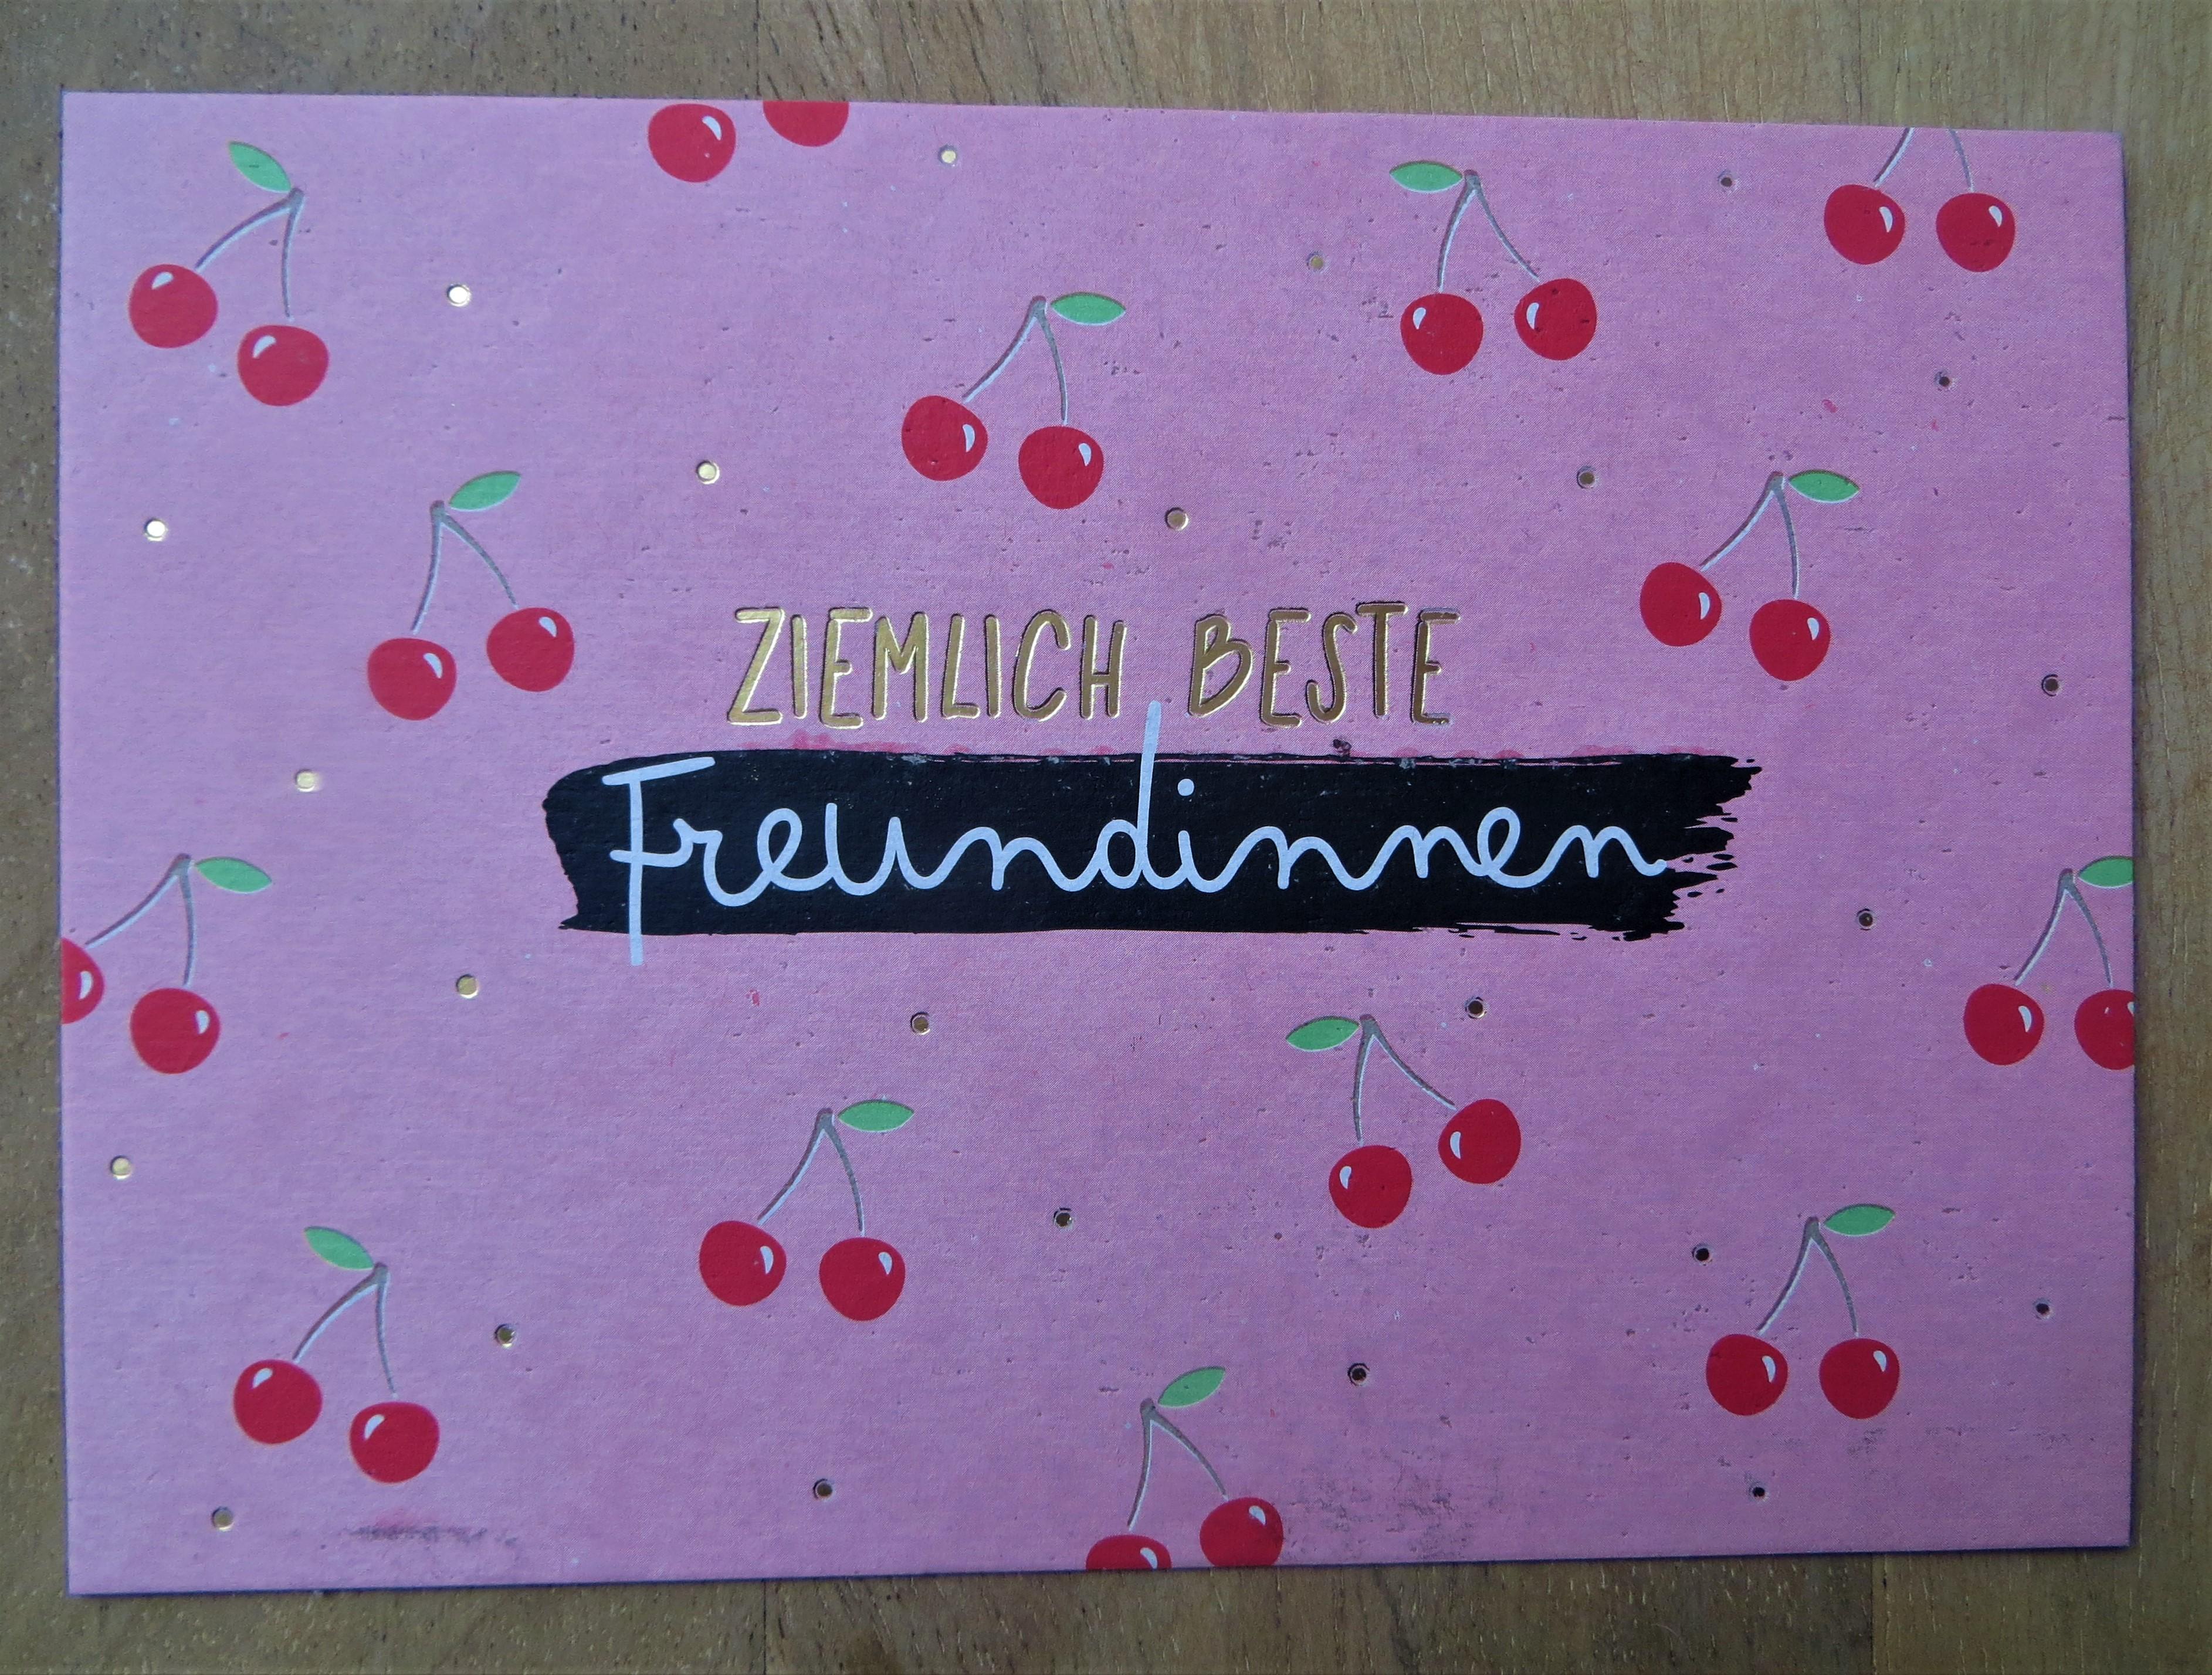 Nützlichgrusskarten - Postkarte Ziemlich beste Freundinnen KUNST und BILD - Onlineshop Tante Emmer